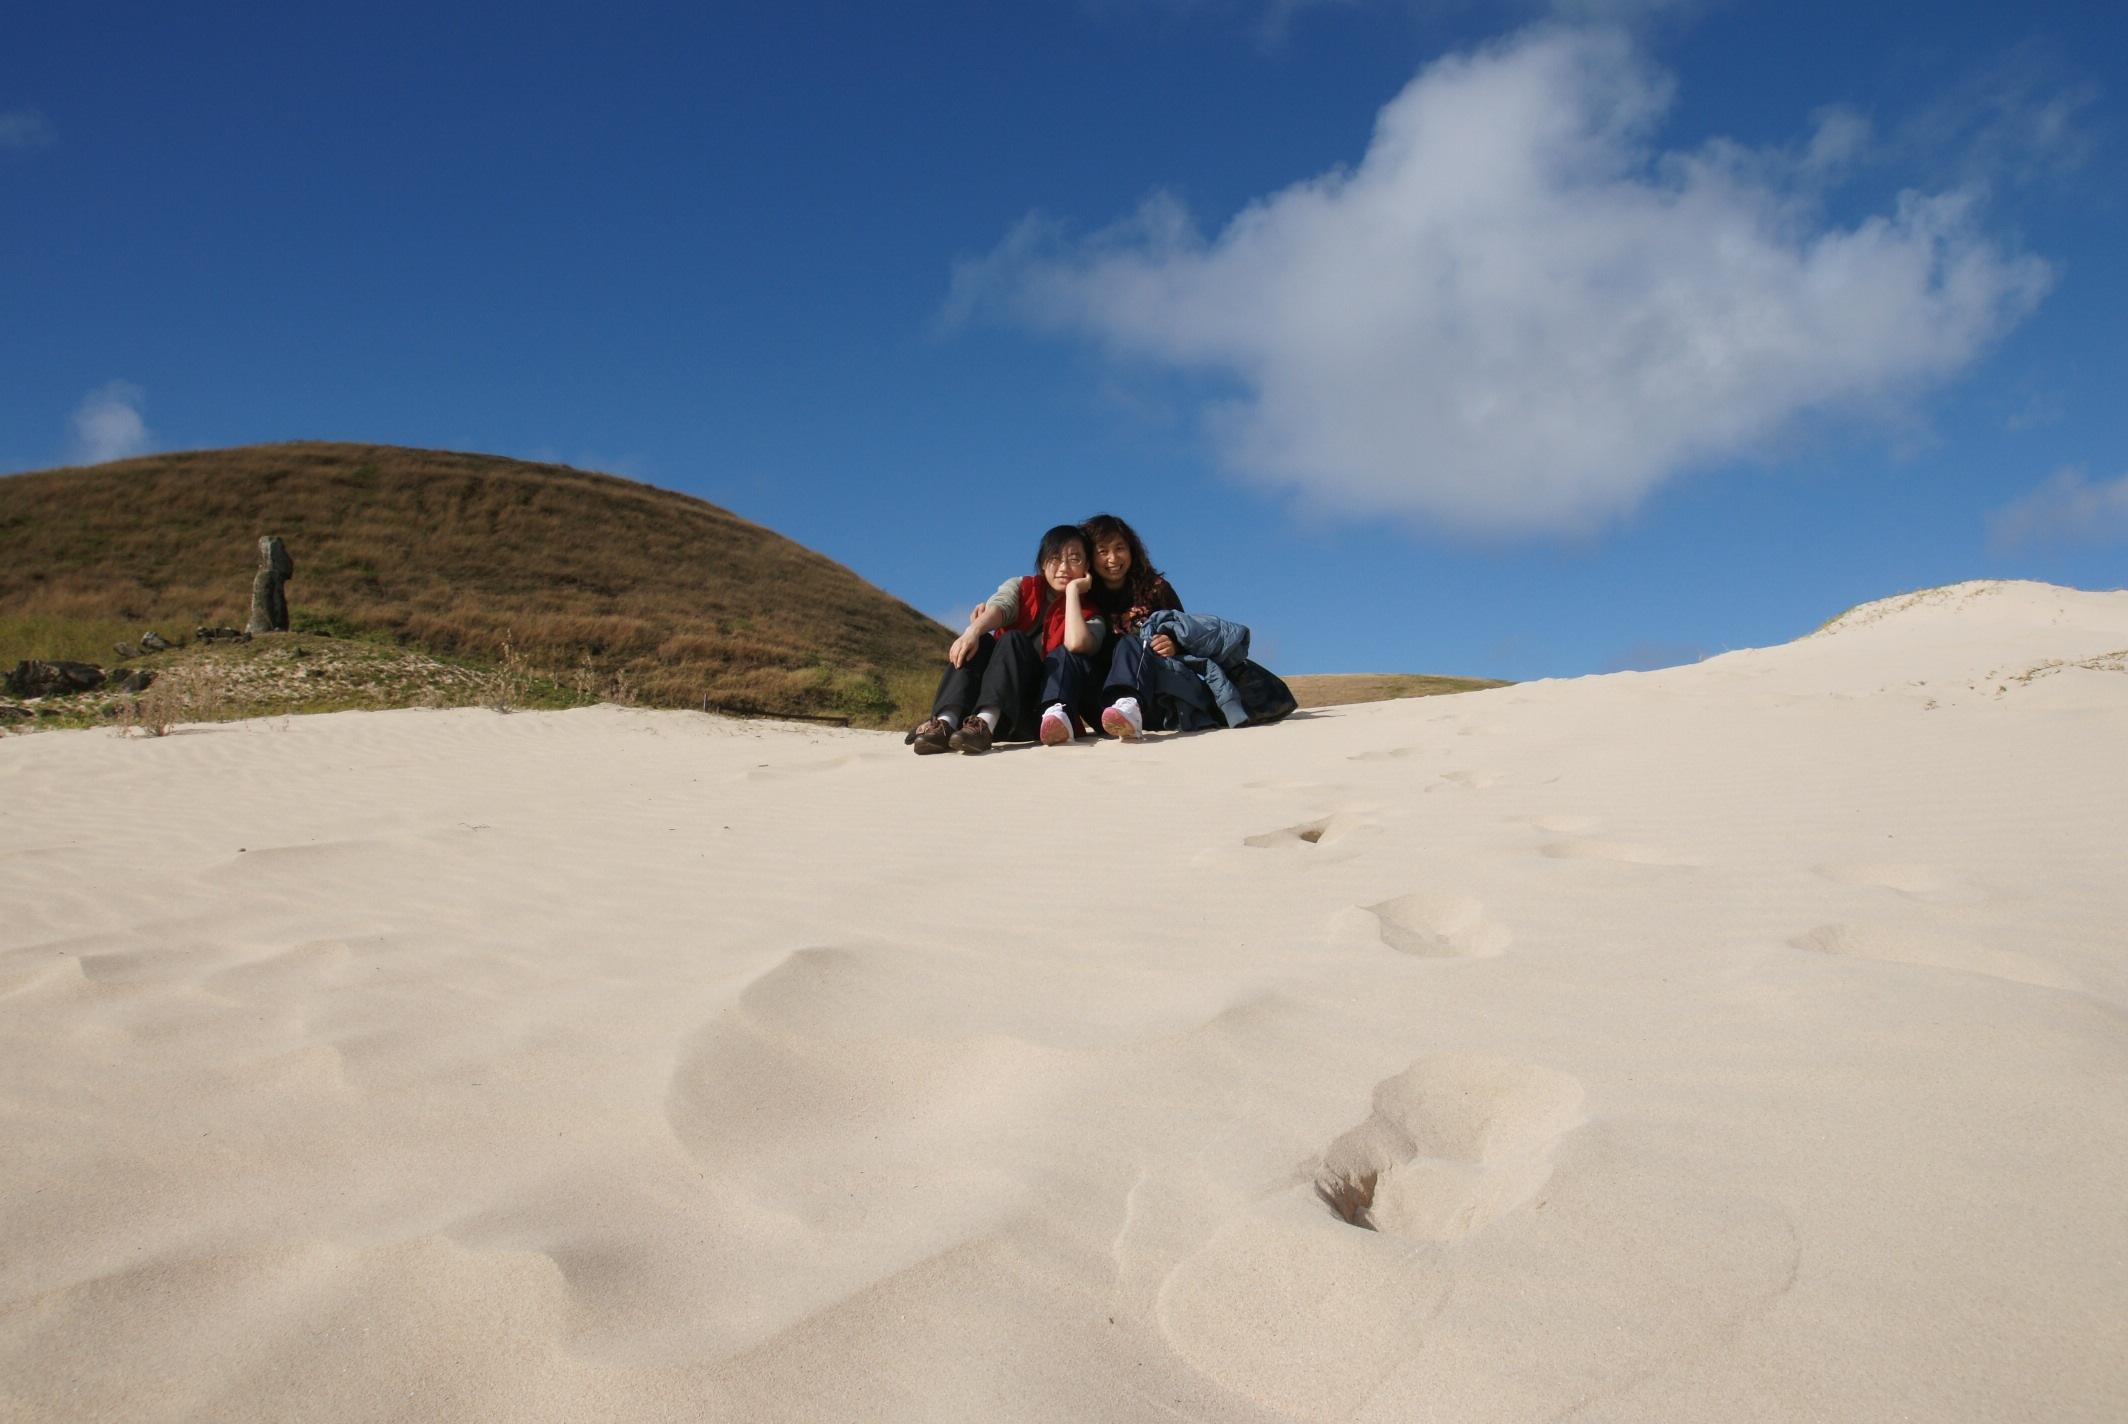 沙子高清图片素材